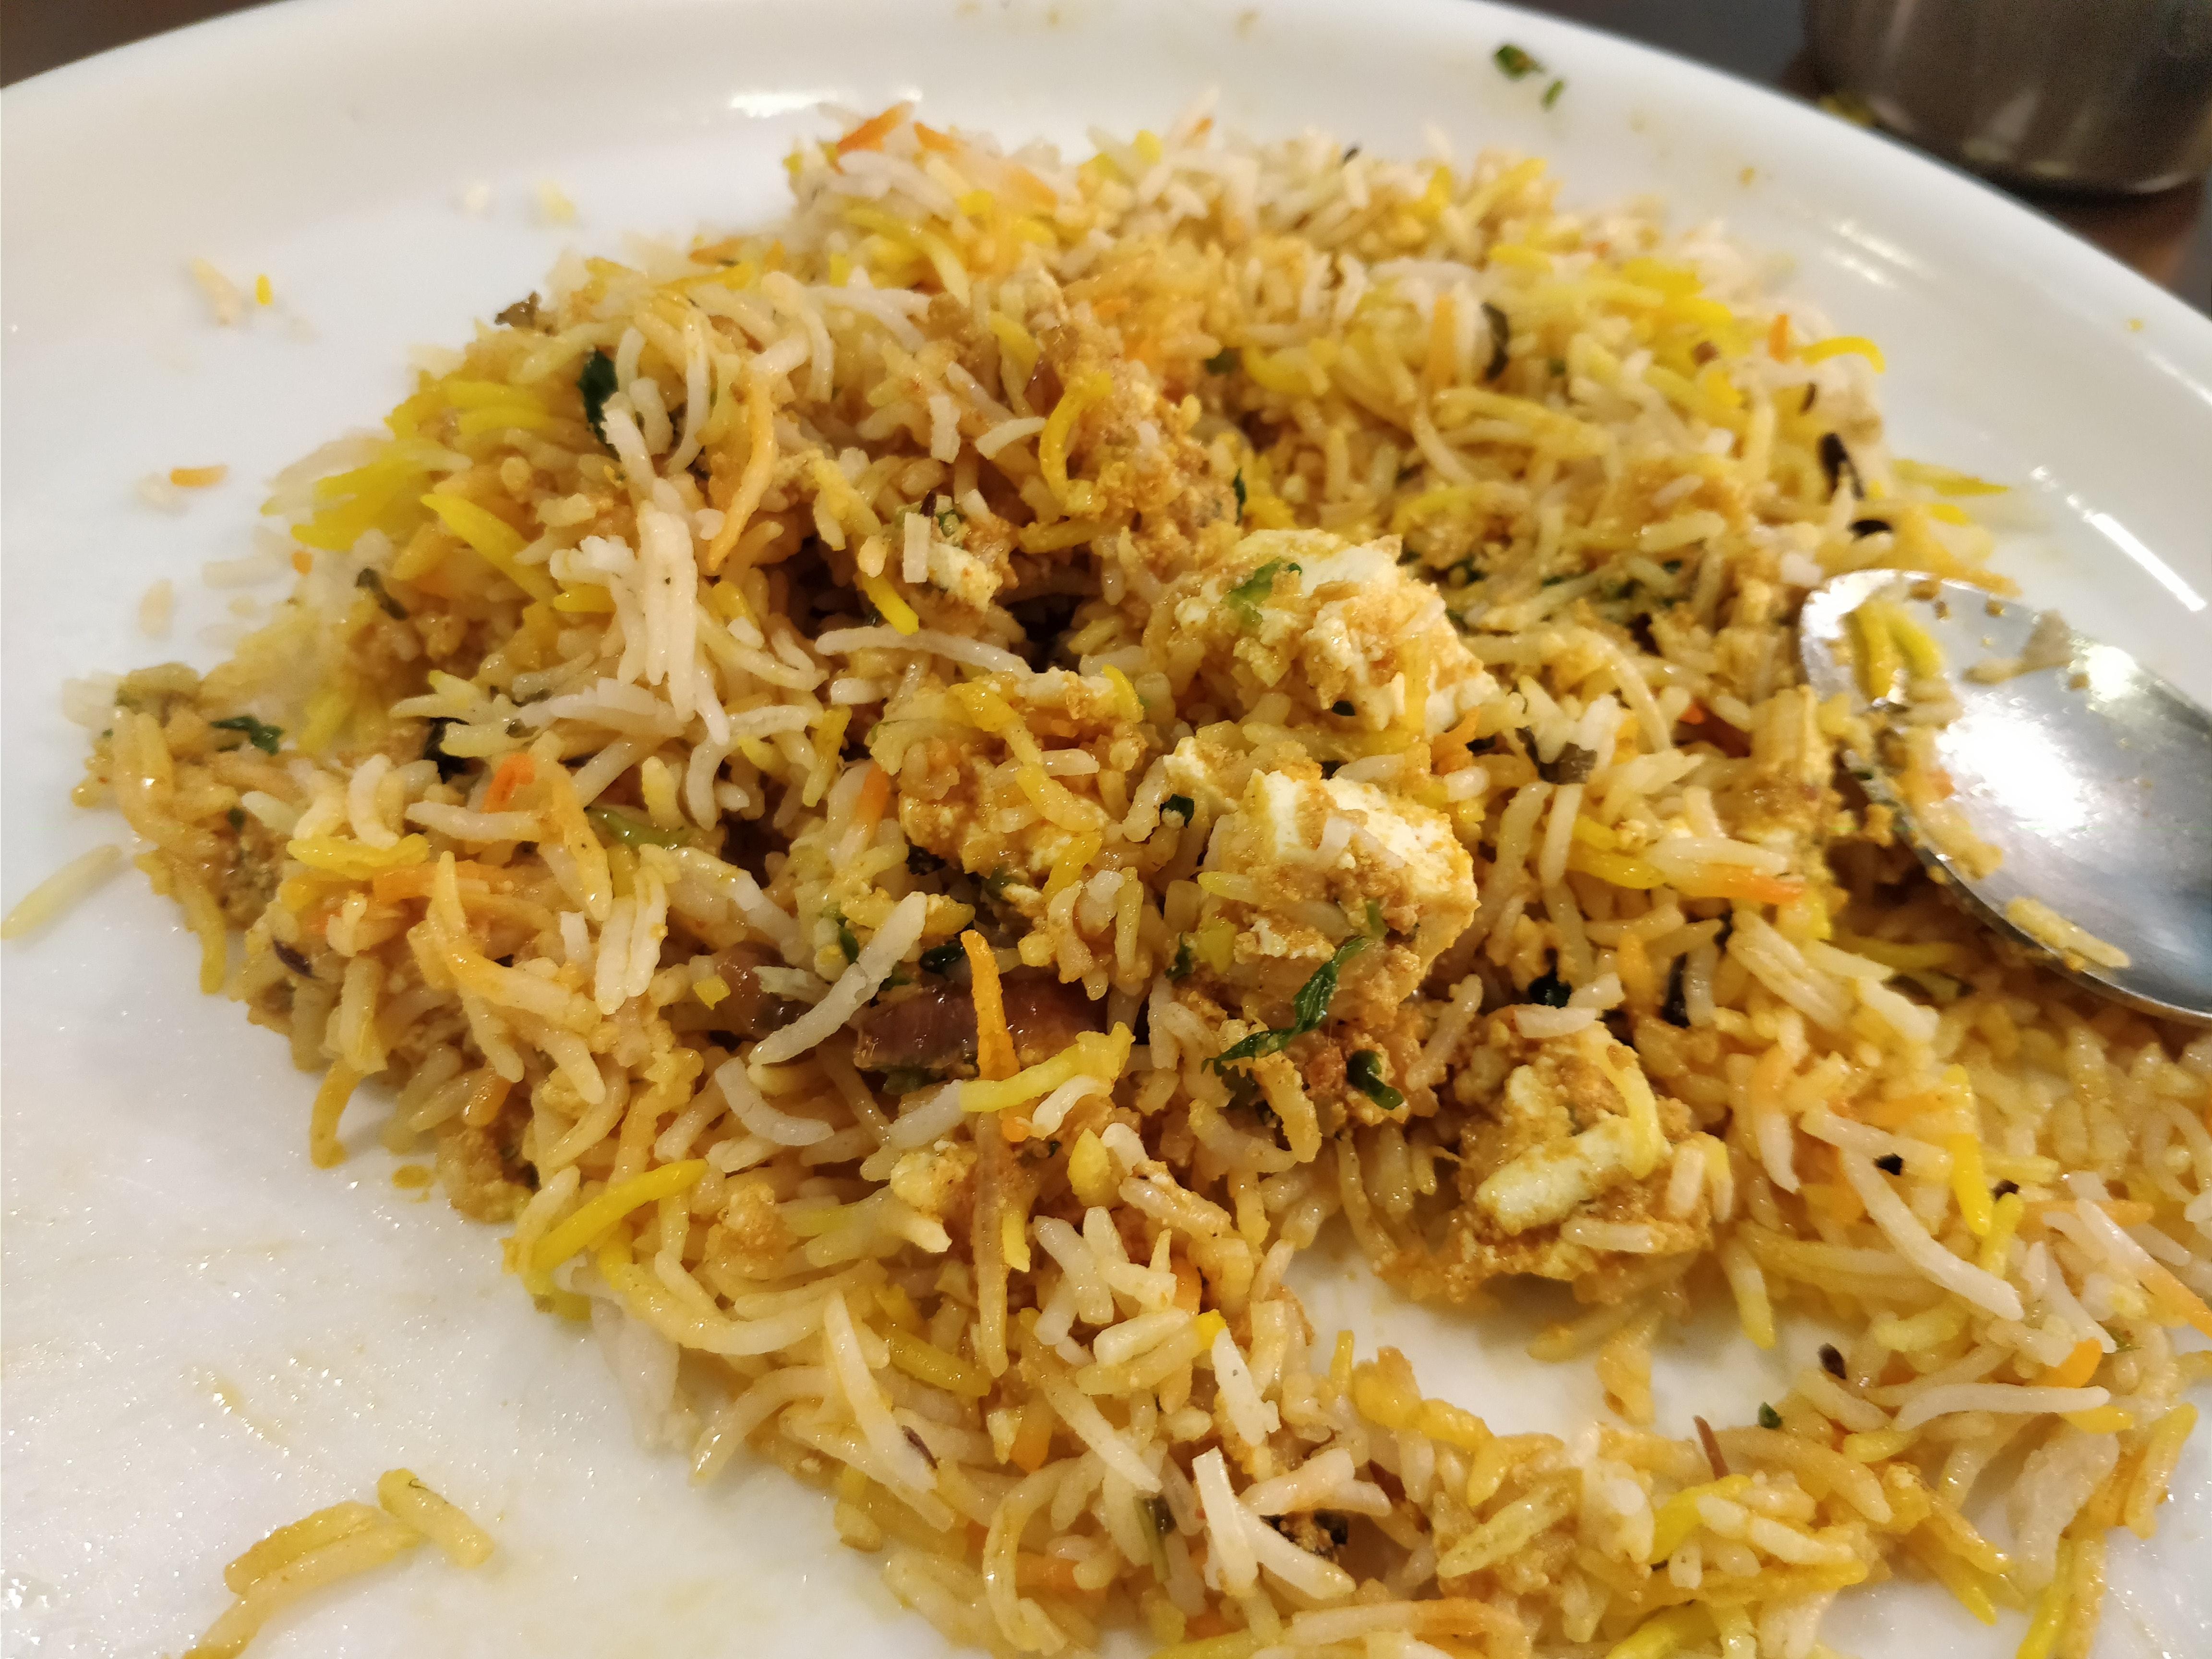 Hyderabadi biryani hyderabadi cuisine indian cuisine dampokhtak.